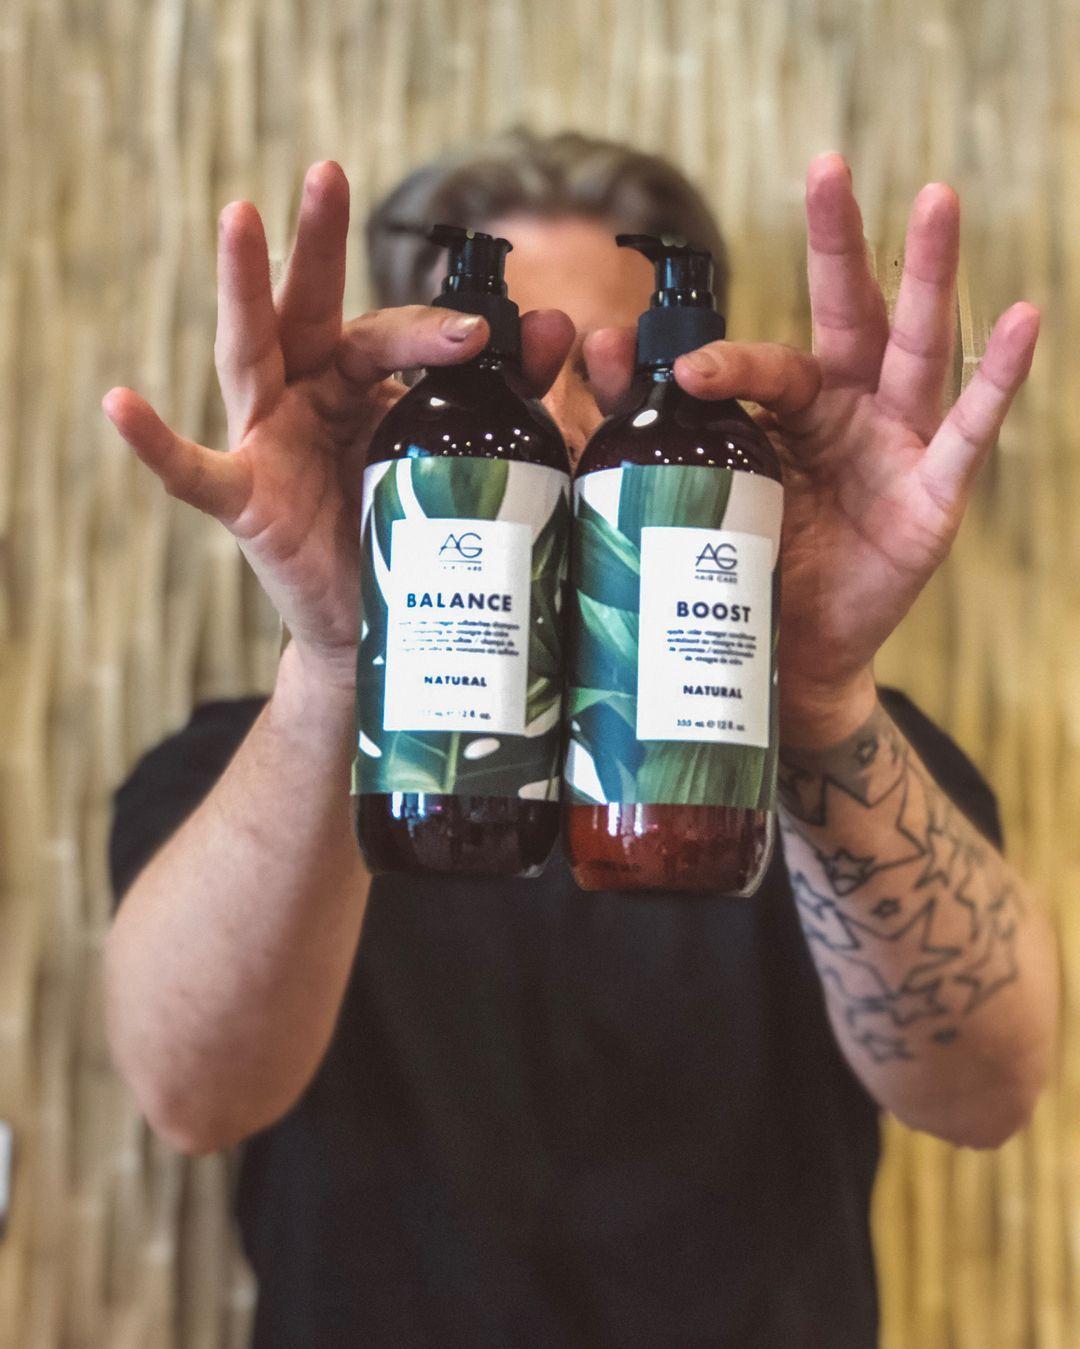 WE LOVE AG HAIR. 🍃 98 plant based 🍃Apple cider vinegar